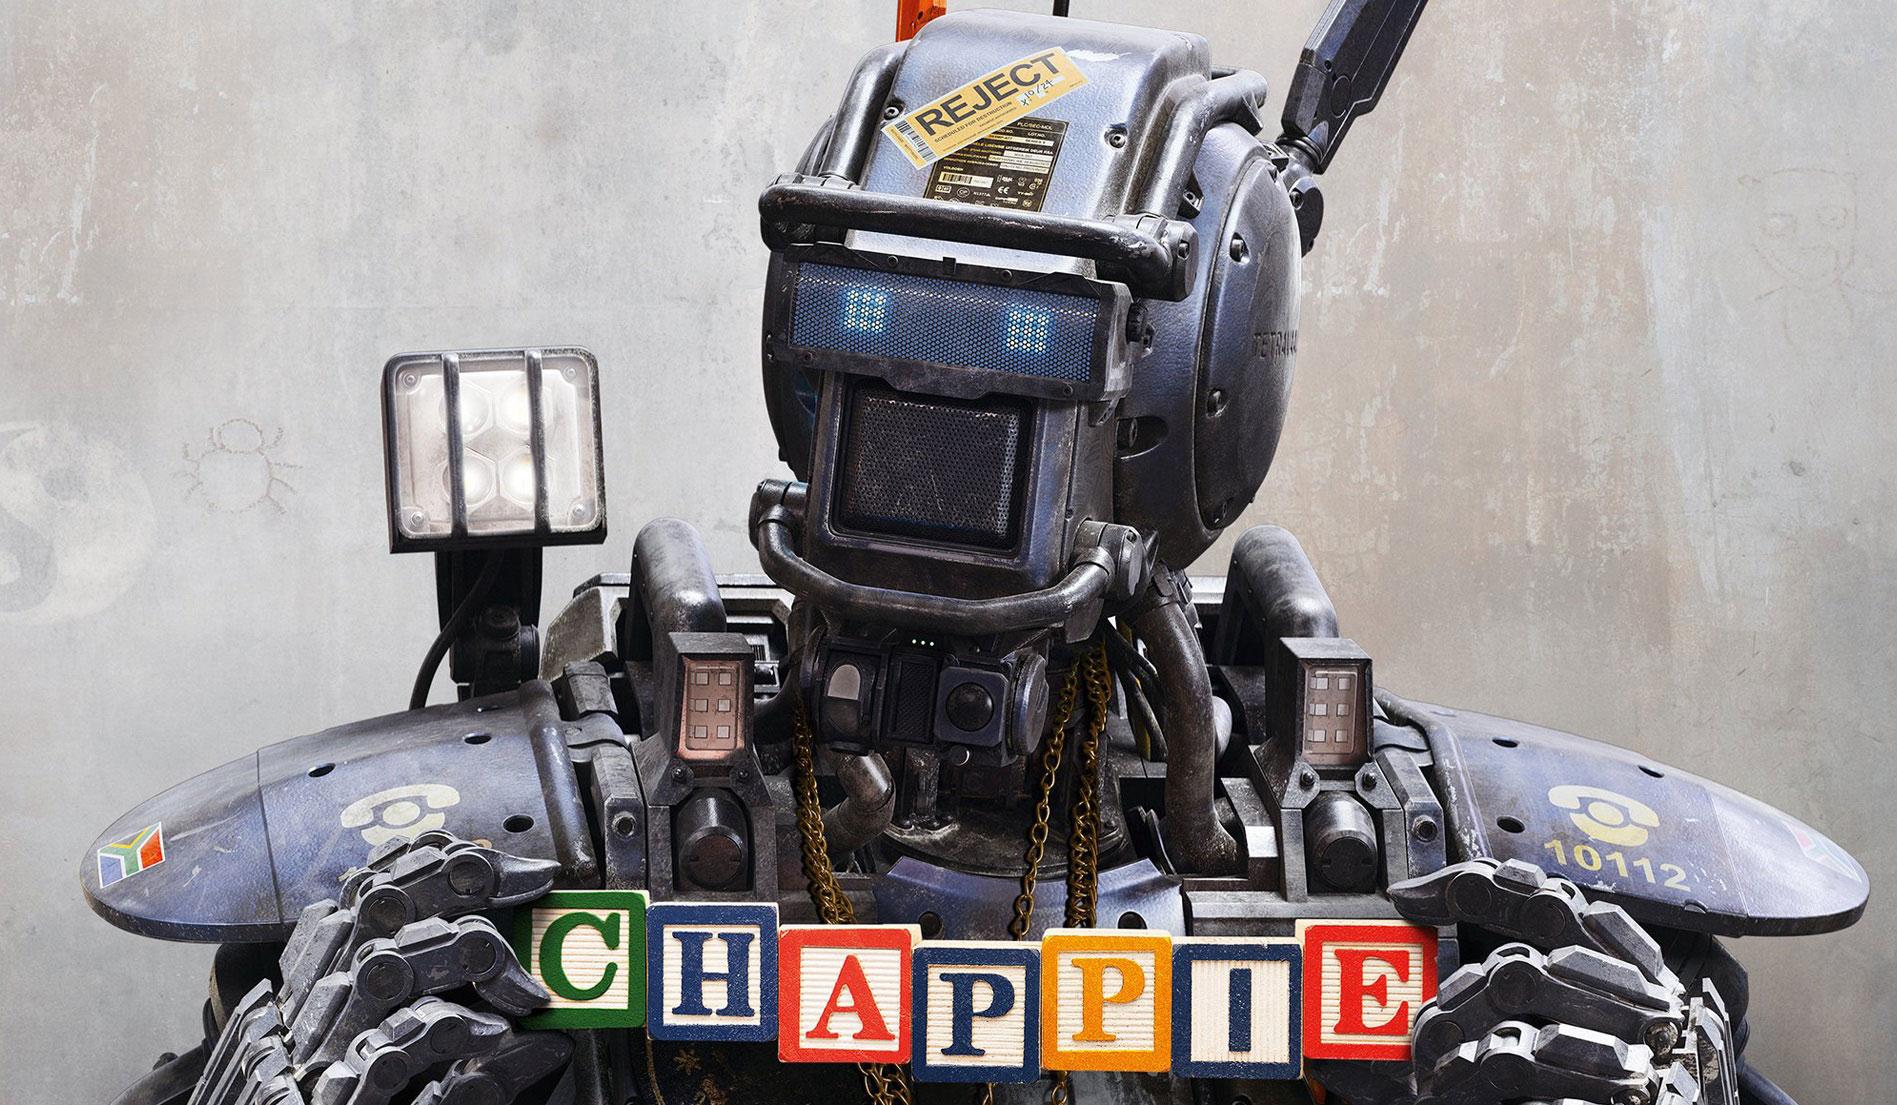 Chappie-película